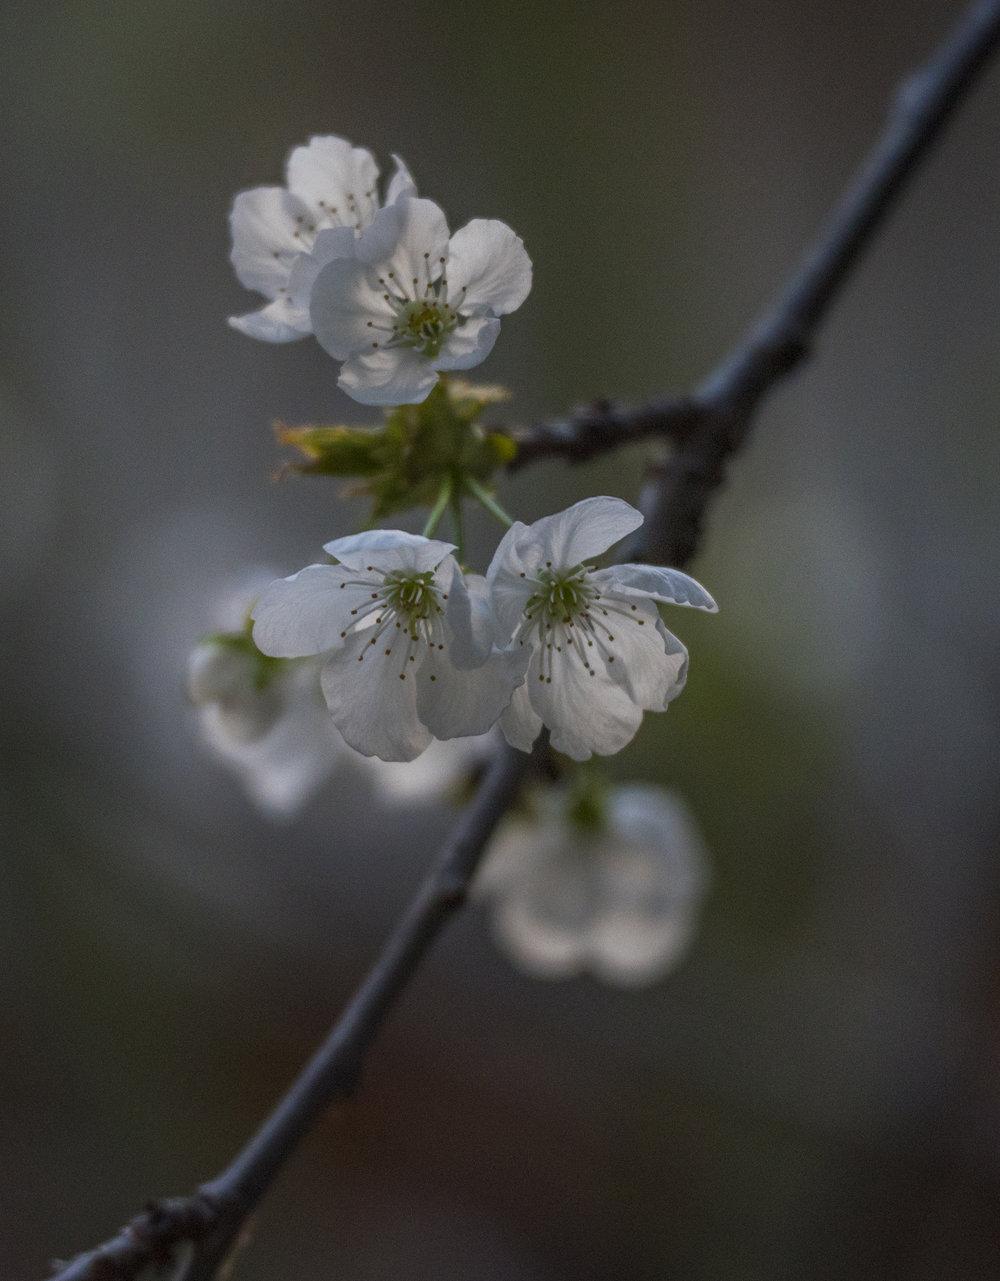 Cherry Blossoms in San Jose, California